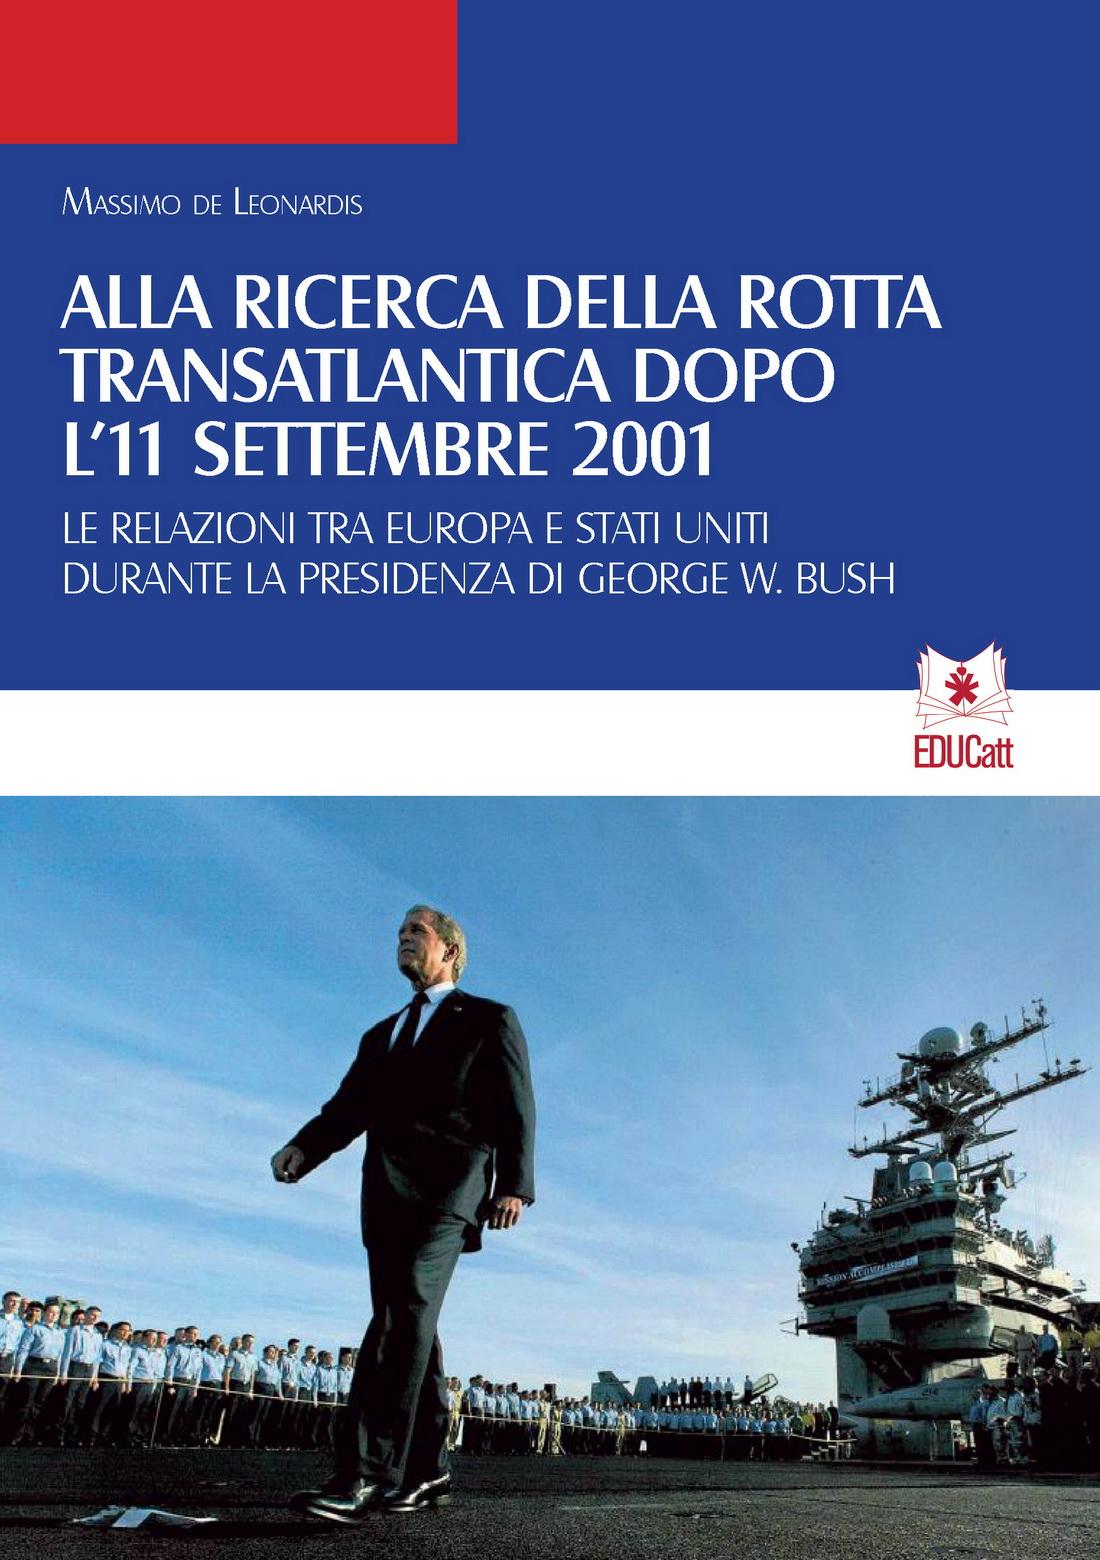 ALLA RICERCA DELLA ROTTA TRANSATLANTICA DOPO L'11 SETTEMBRE 2001 (QDSP 9/10 2016)